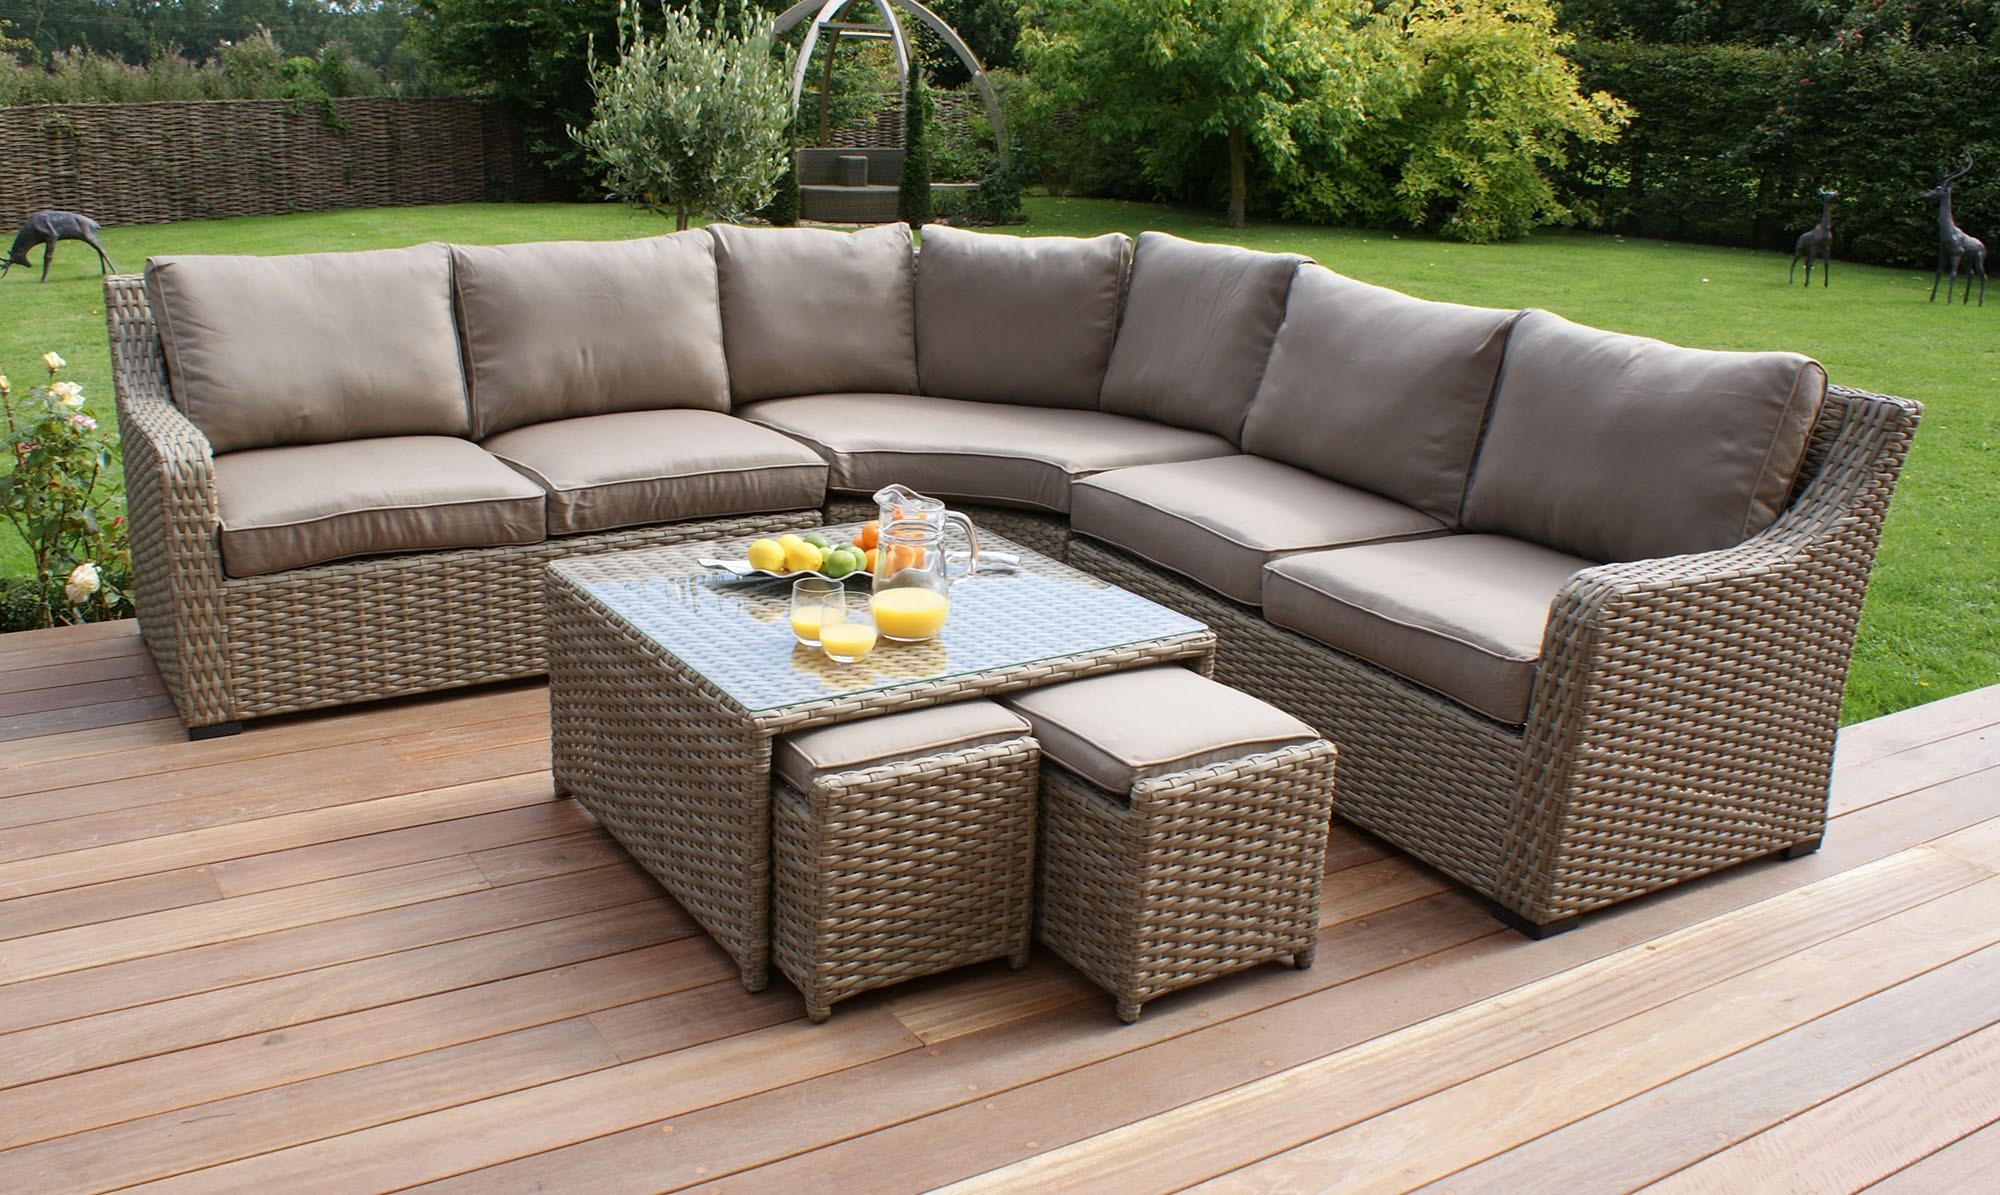 Uredite ba tu za odmor kao u raju azra magazin - Mobilier jardin design roberti rattan ...